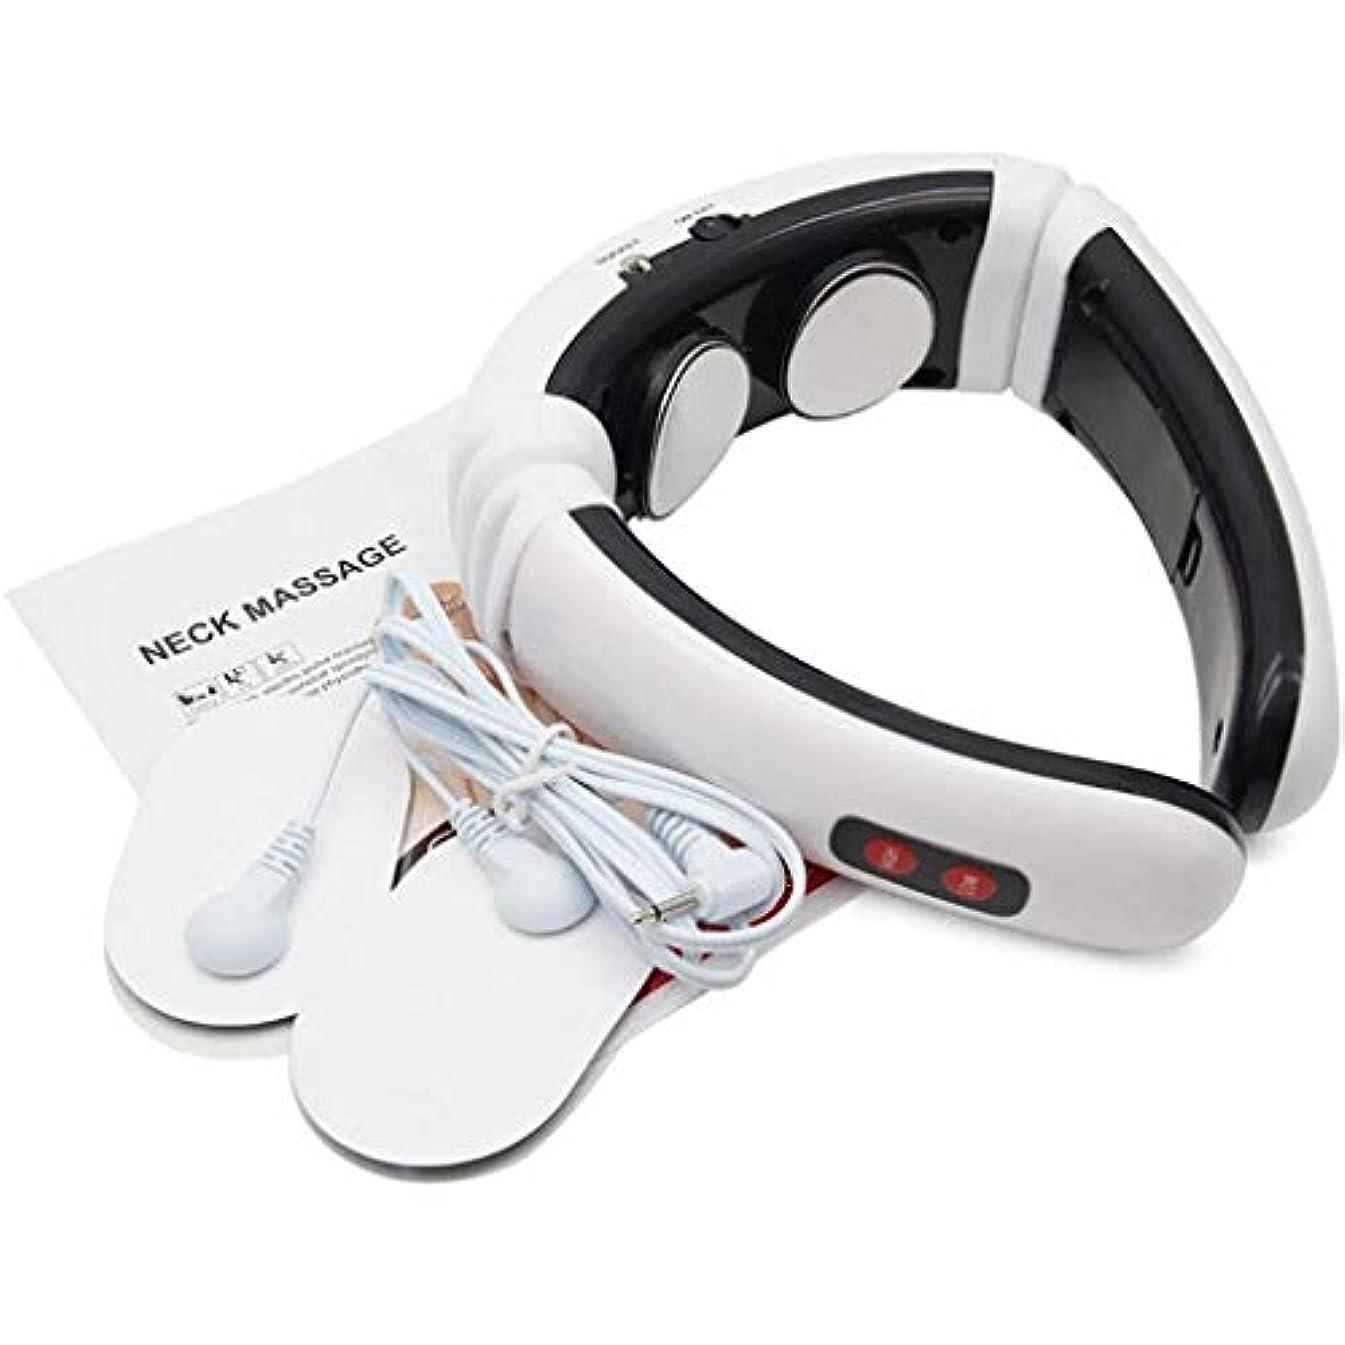 種類金銭的セクションネックマッサージャー、インテリジェント電気子宮頸マッサージ、赤外線マッサージは、痛みを和らげる、プレッシャーをリラックス